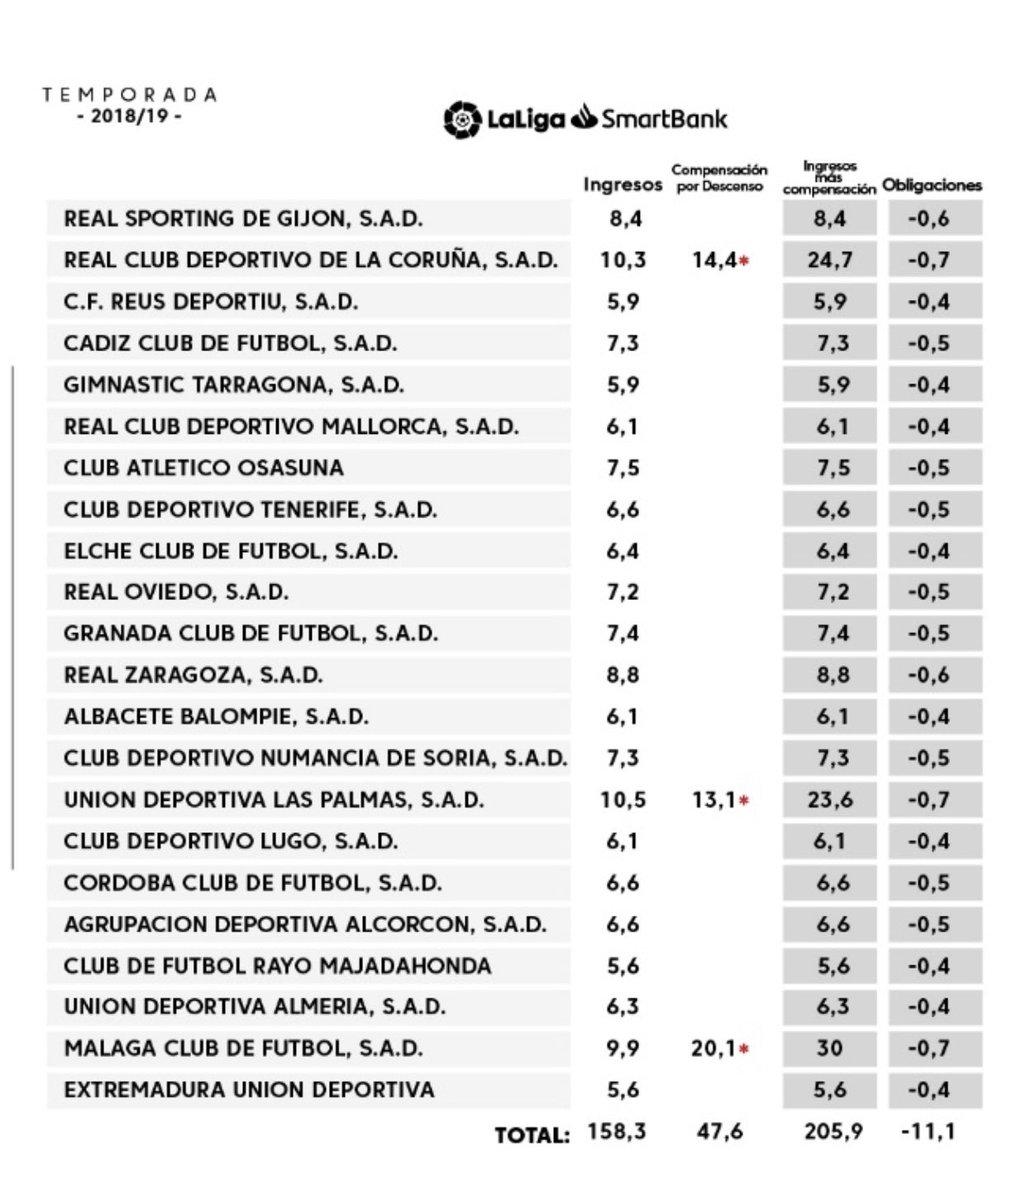 Reparto ingresos por derechos de 📺de @LaLiga (año 2019)  #LigaSantander  ⚽️El Barça el que más ingresa (166,5) seguido del Real Madrid (155,3). El que menos ingresó, Huesca (44,2)  #LigaSmarkBank  ⚽️Las Palmas y Depor, los que más ingresaron   ✍️Consulta aquí los números👇 https://t.co/DWAzr7hlop